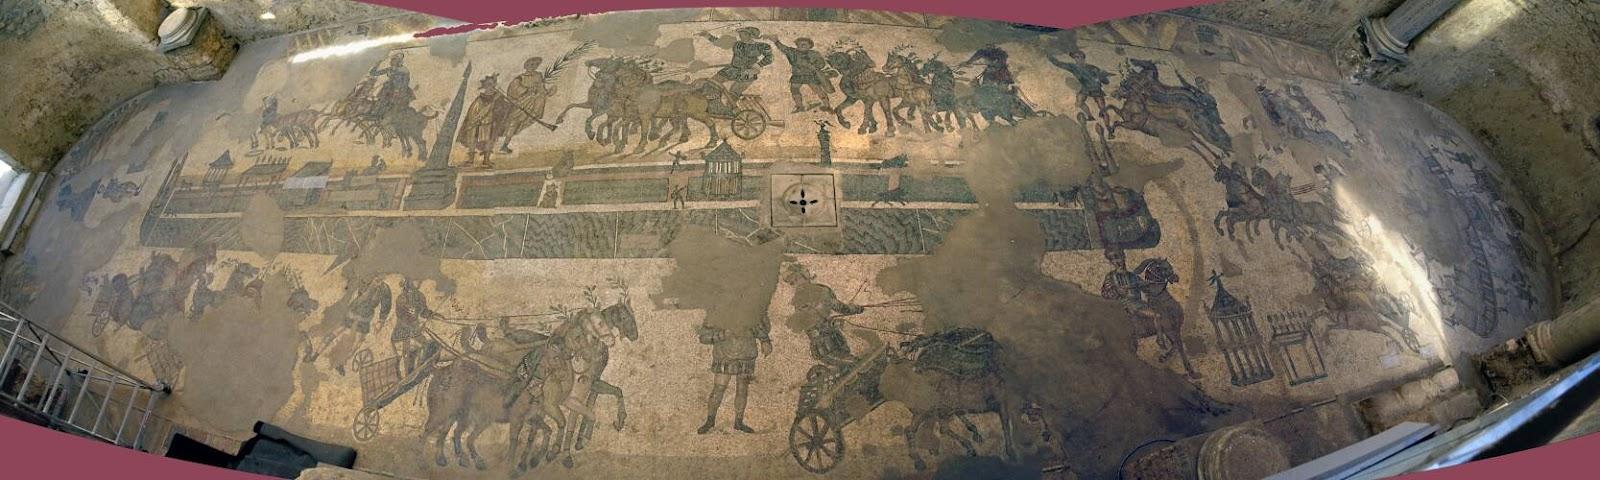 Circo Massimo Mosaico Villa del Casale Piazza Armerina